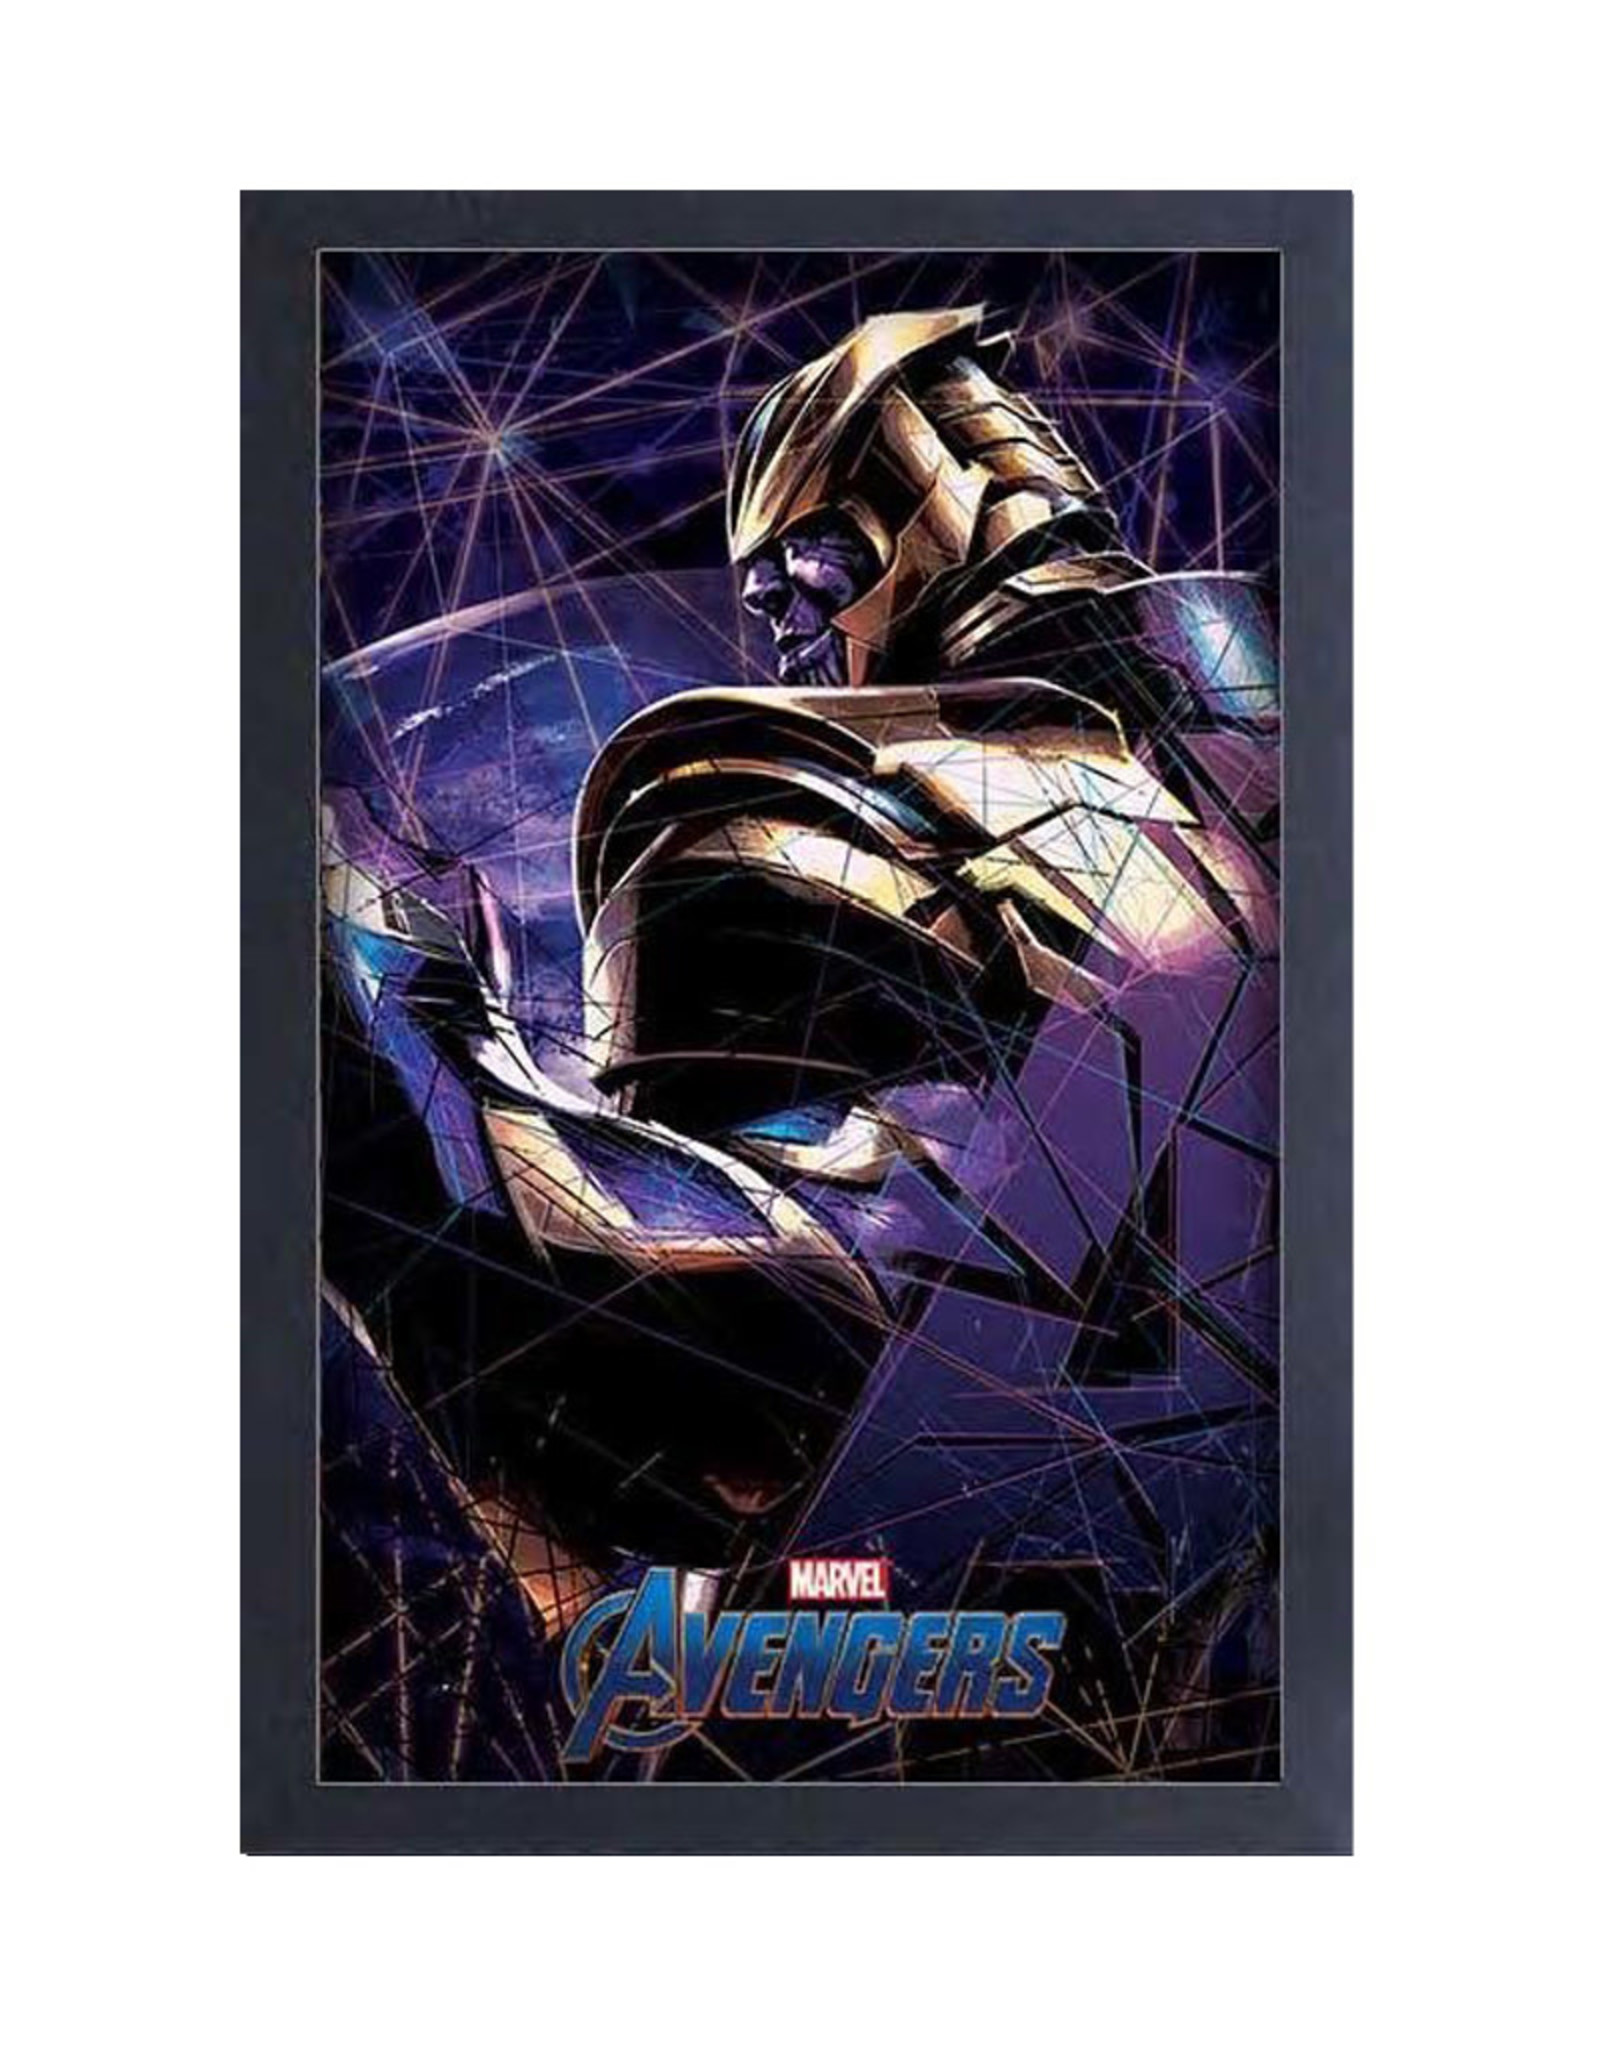 Marvel Avengers Endgame ( Cadre ) Thanos